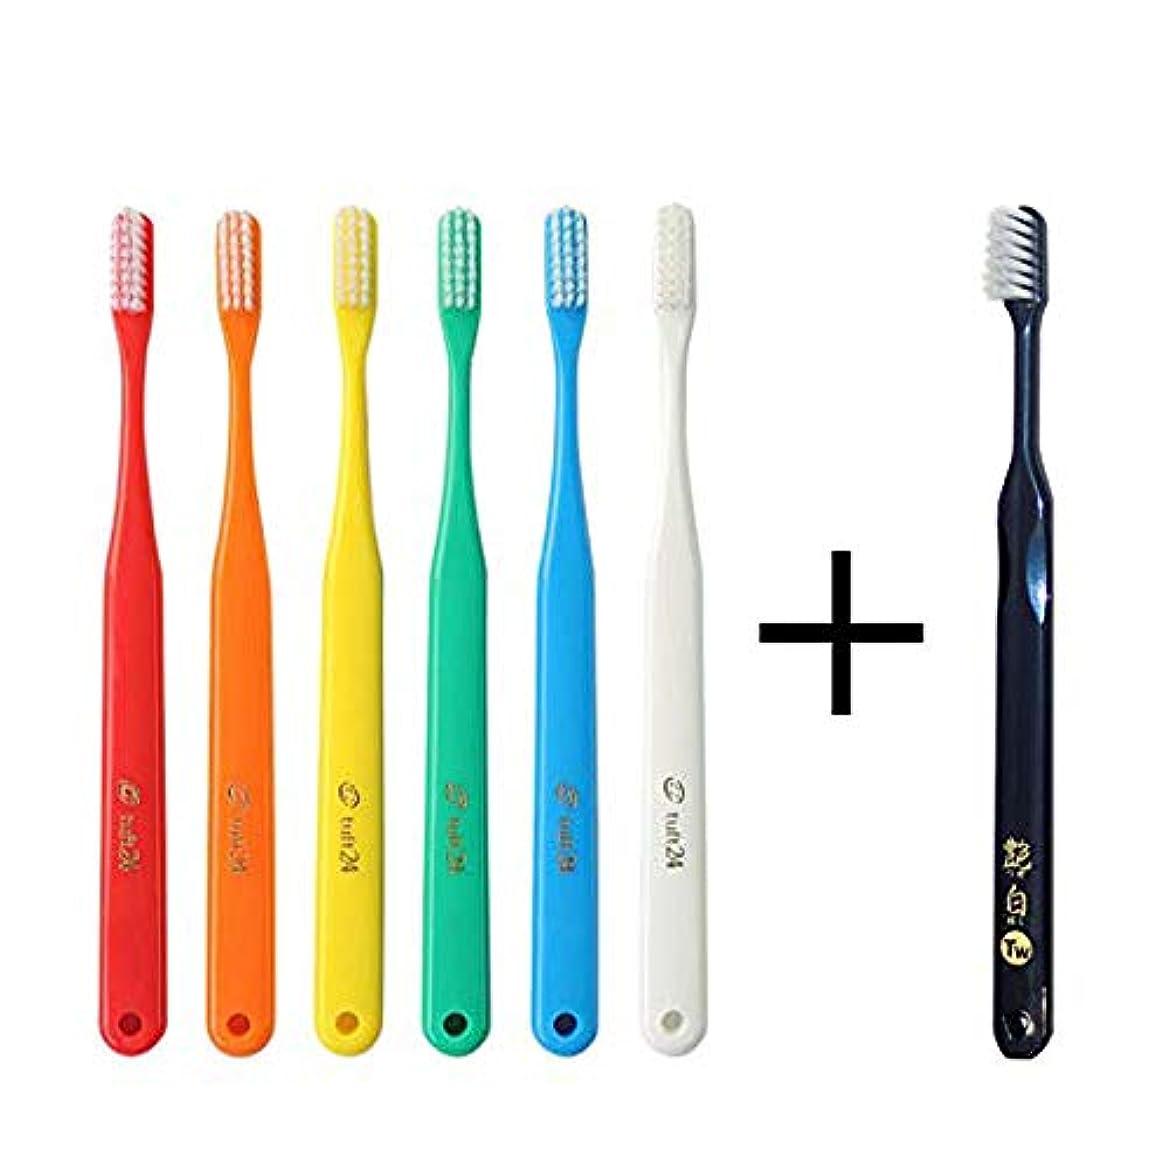 に勝るソートかごタフト24 歯ブラシ × 10本 (MS) キャップなし + 艶白ツイン ハブラシ (MS やややわらかめ)×1本 むし歯予防 歯科専売品